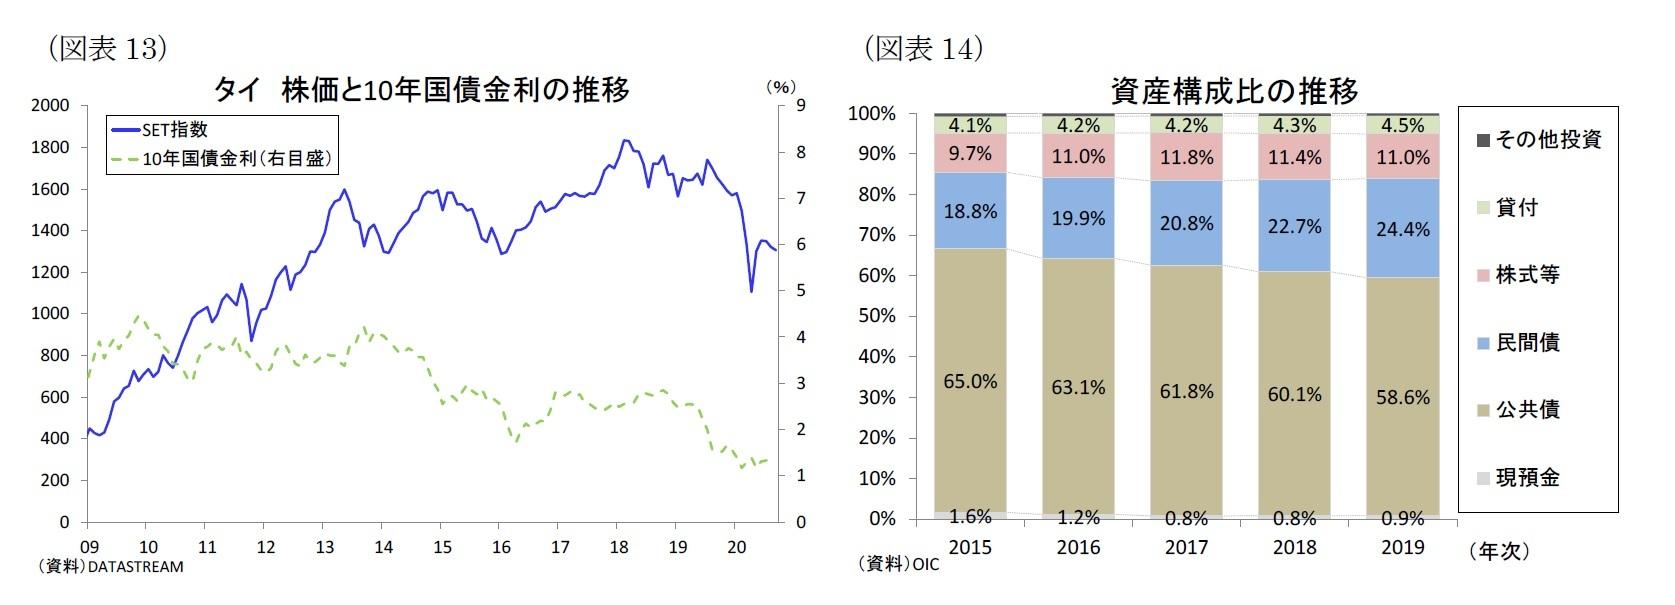 (図表13)タイ株価と10年国債金利の推移/(図表14)資産構成比の推移